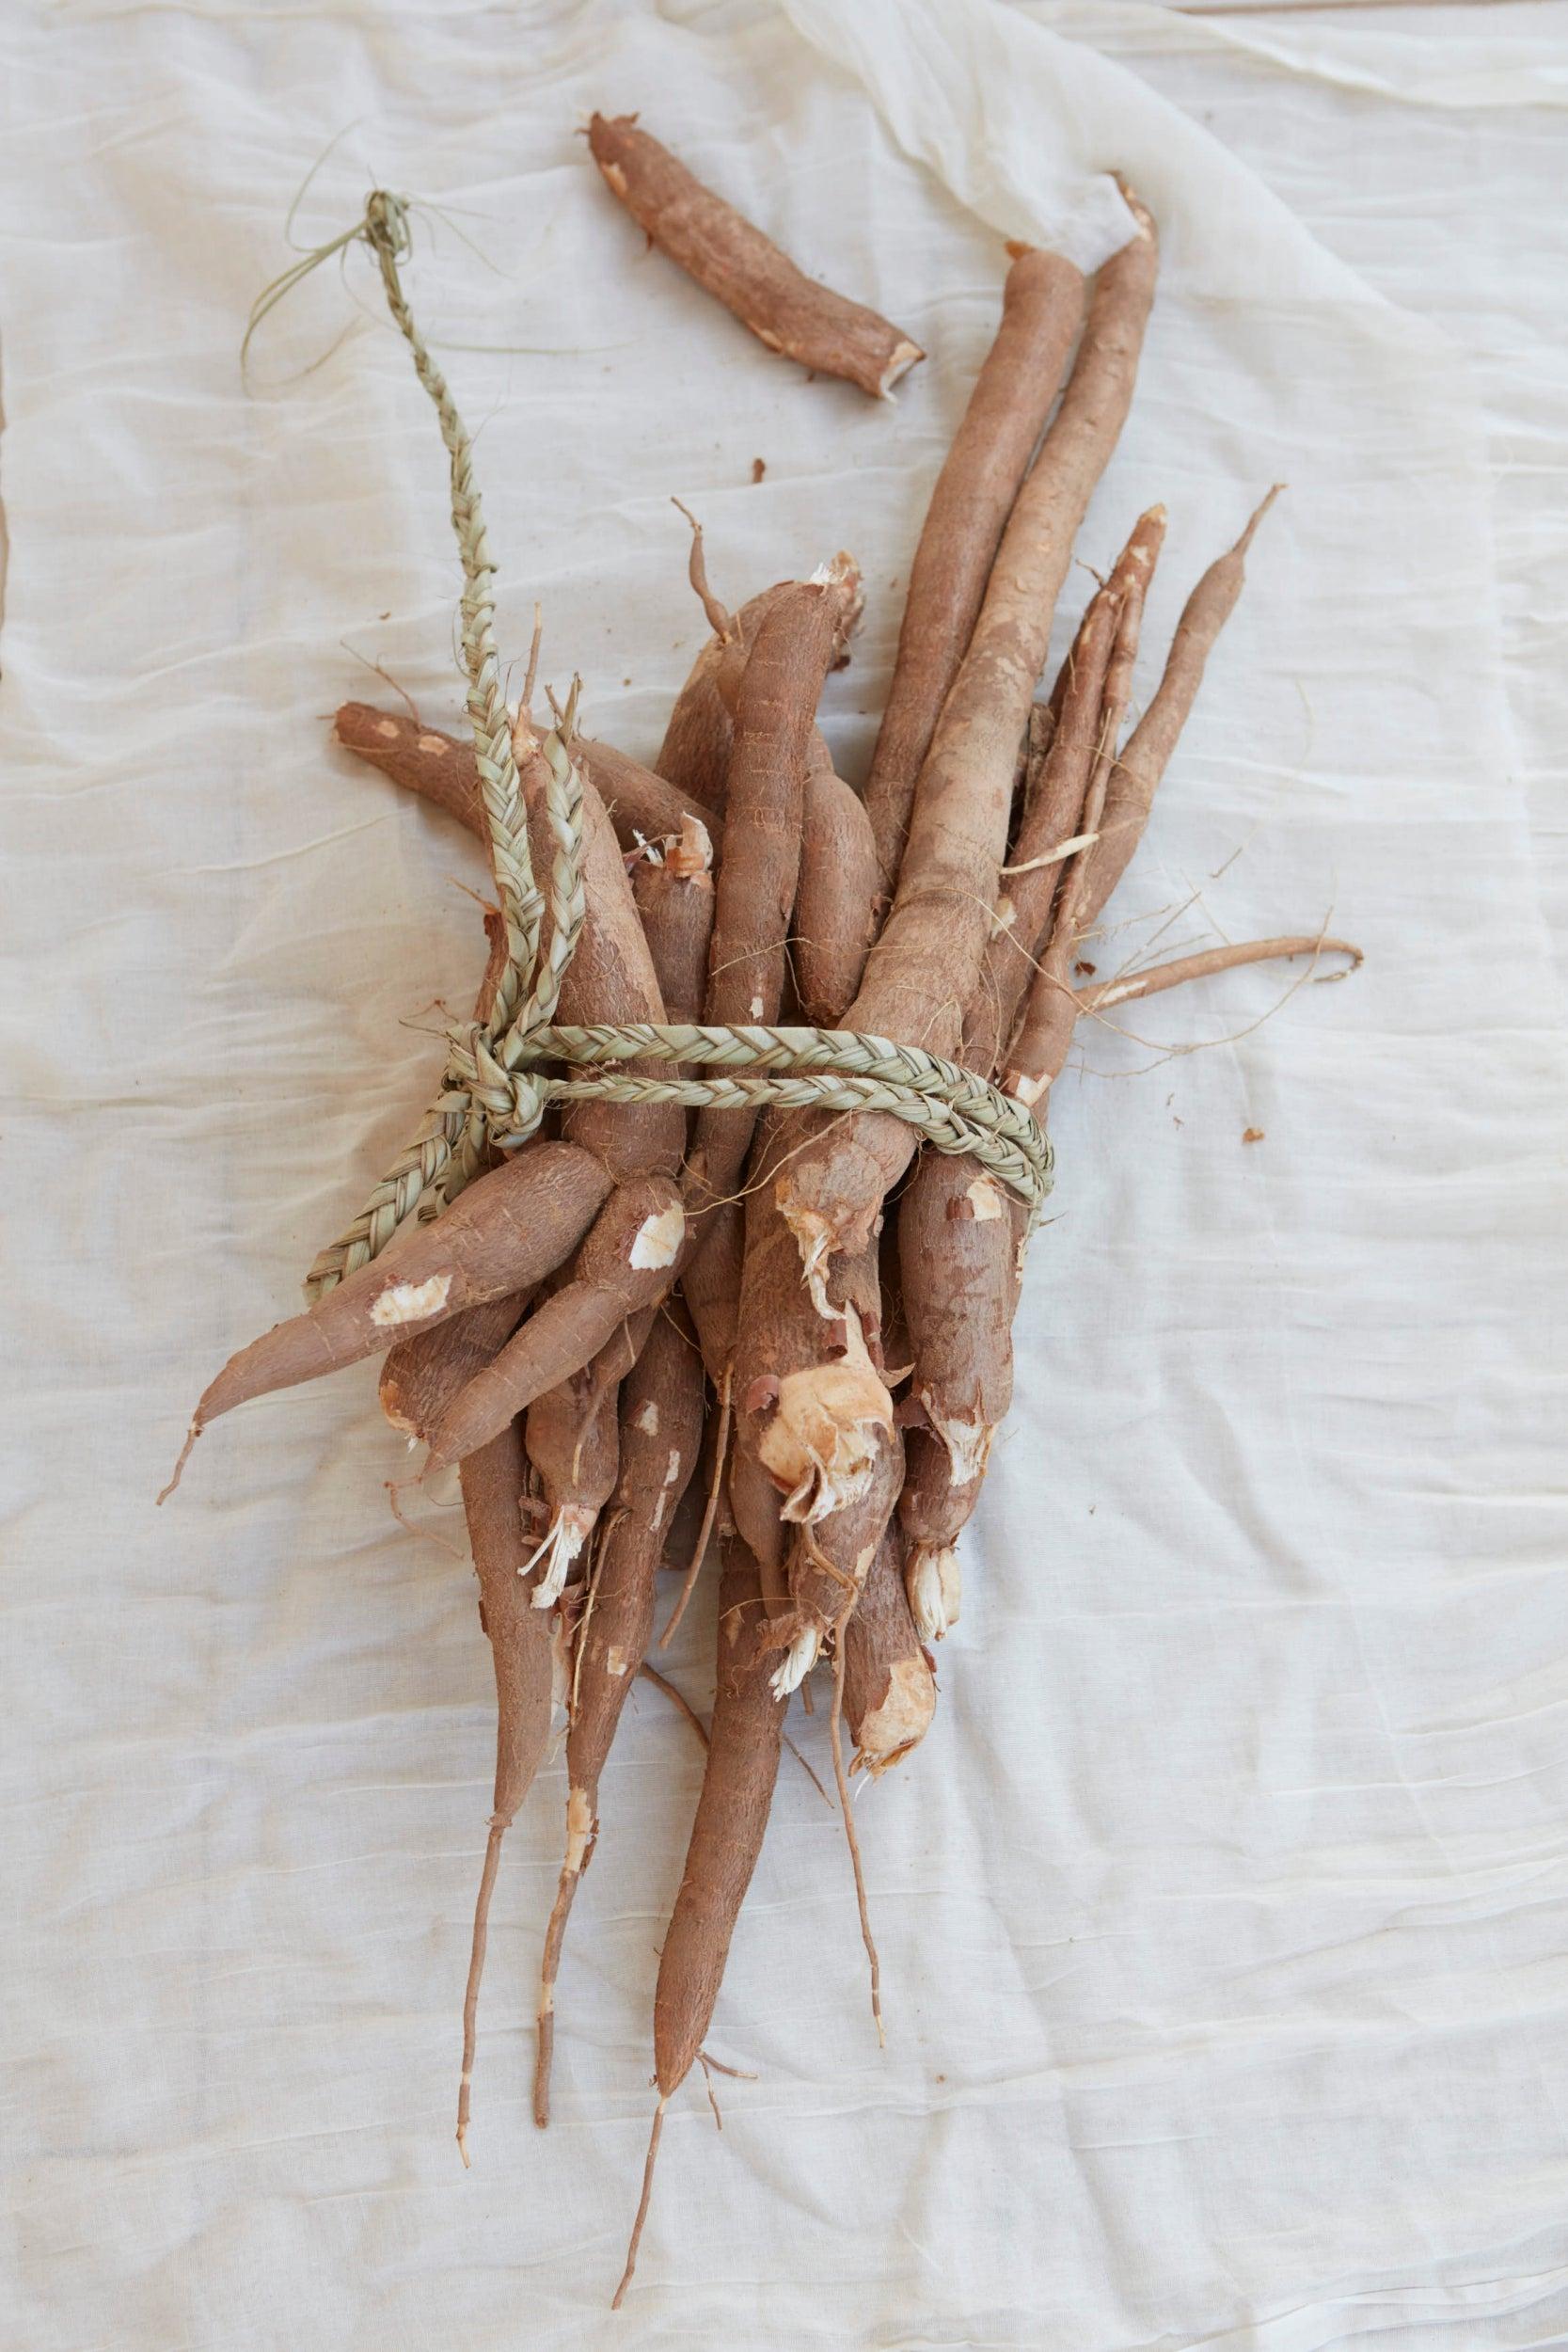 Drought tolerant cassava grown at the Red Cross market garden